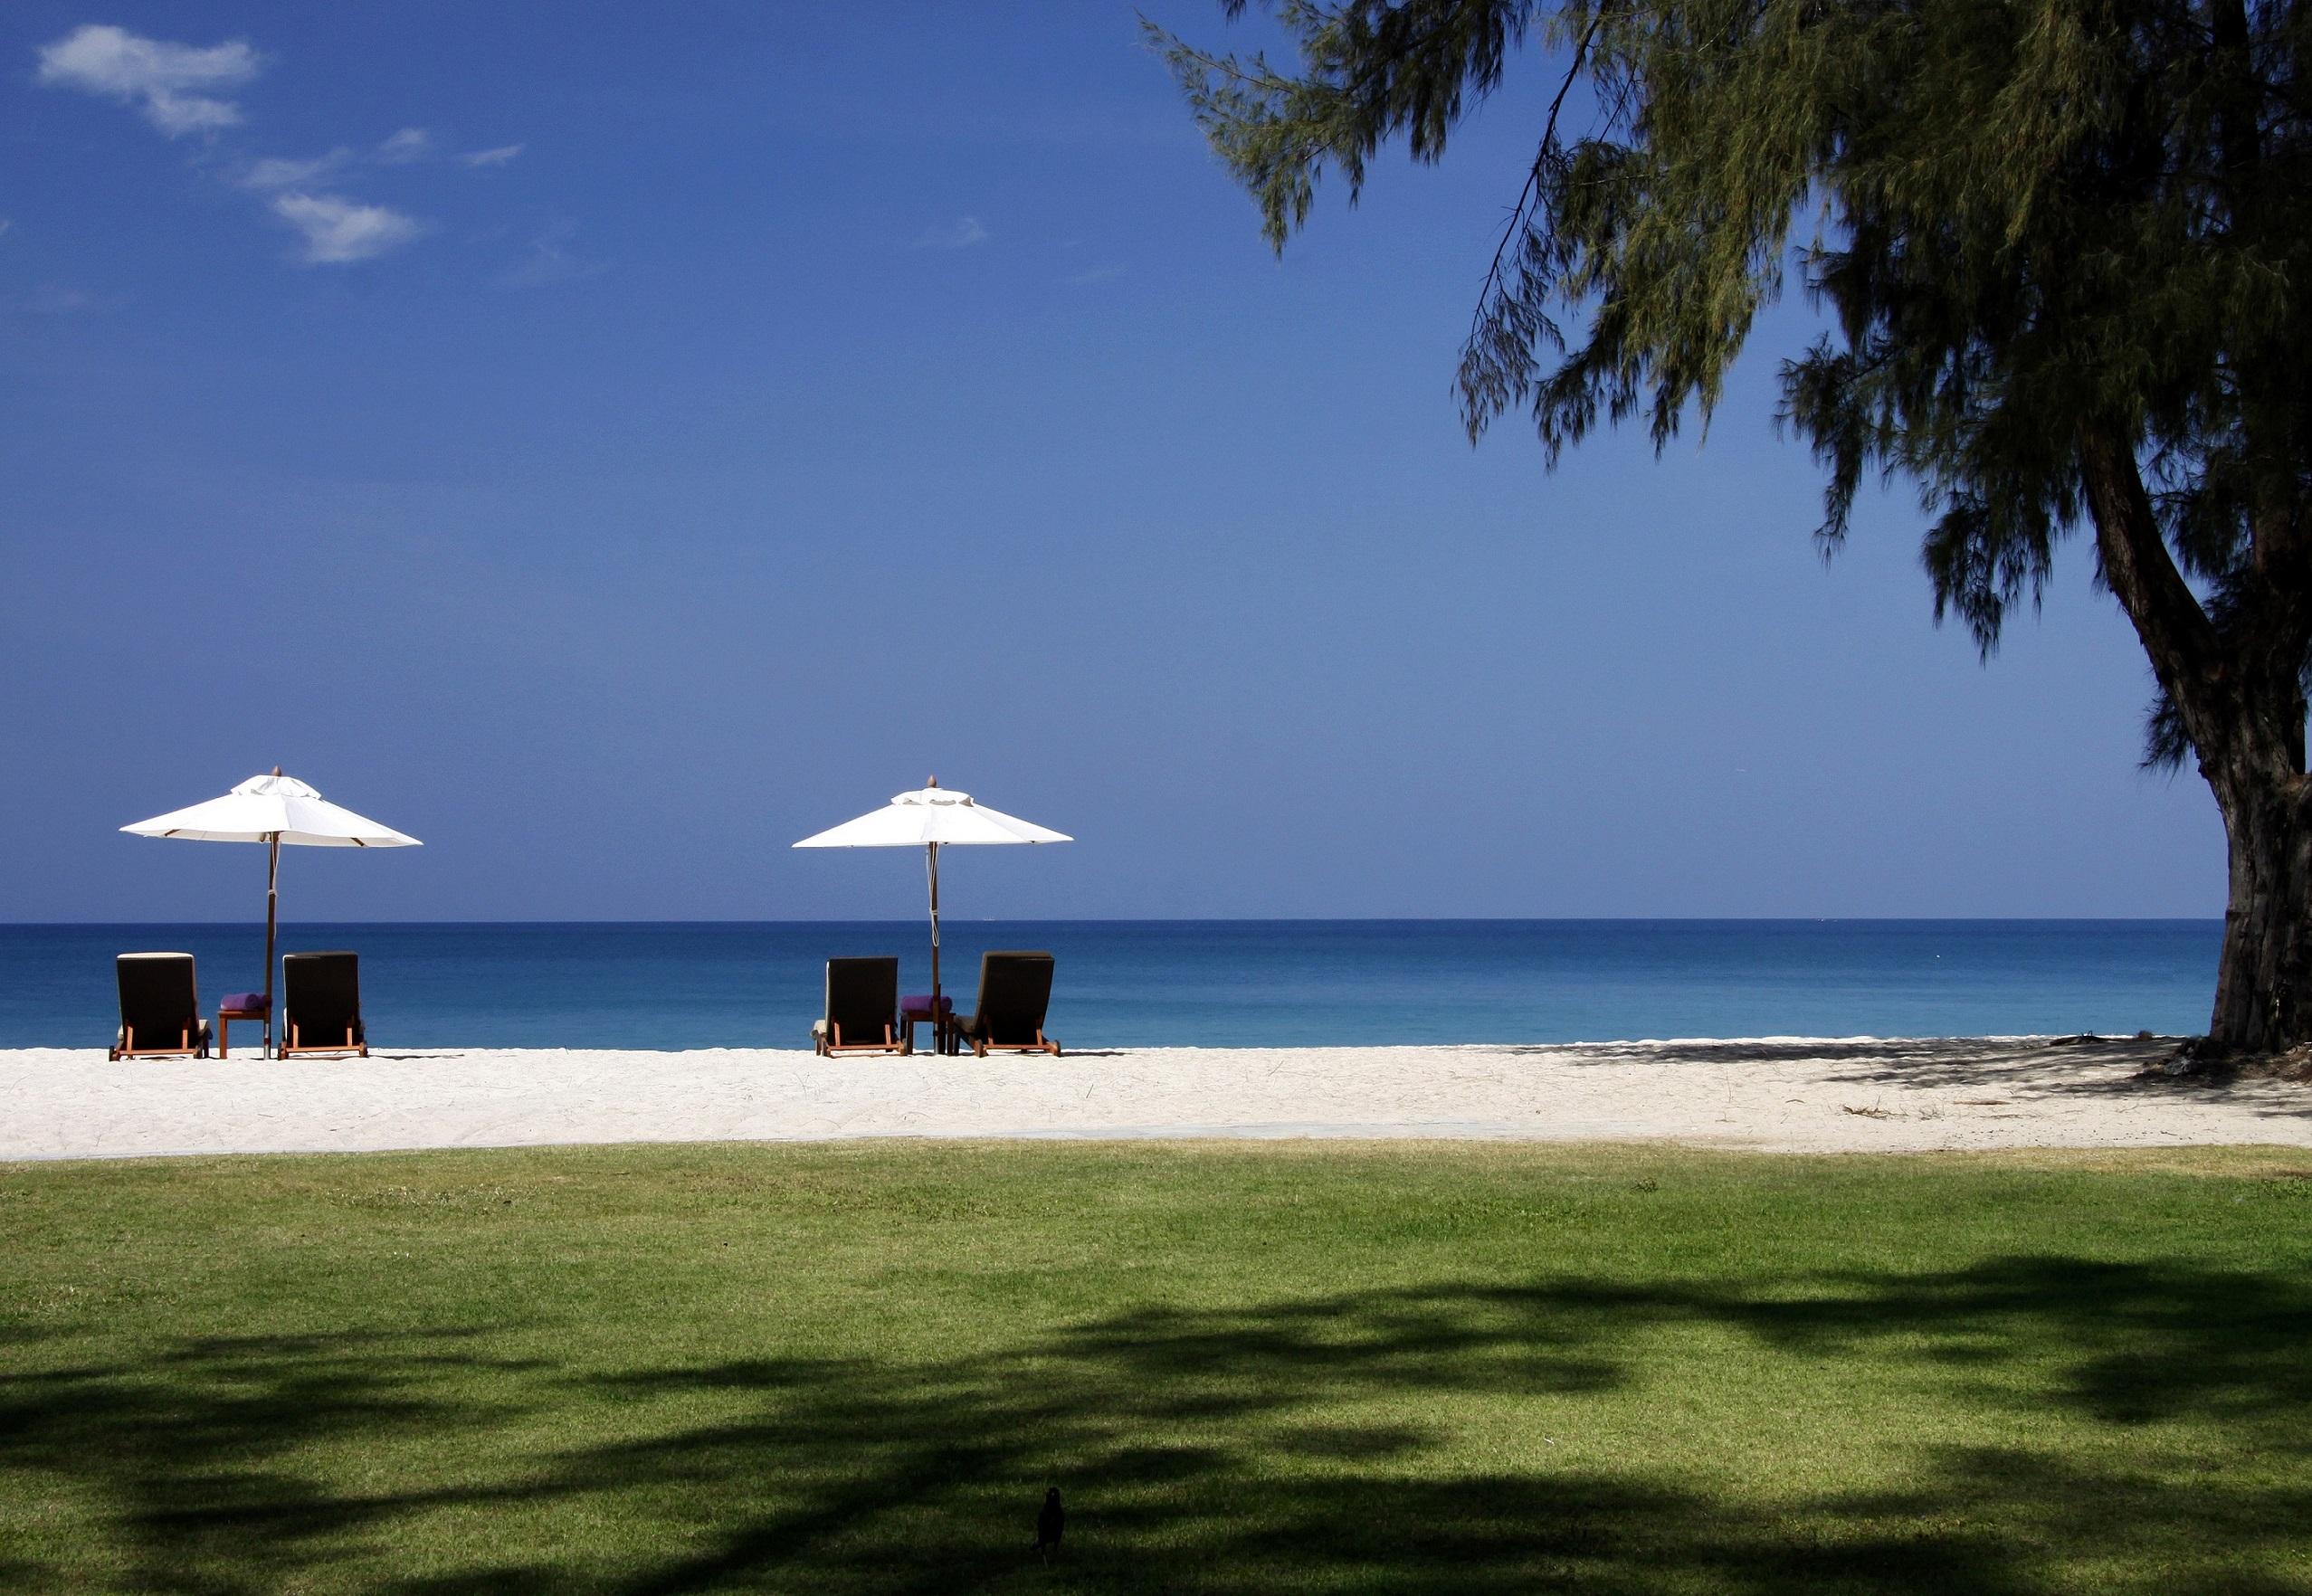 Dusit-Thani-Laguna-Phuket-Beach-hi